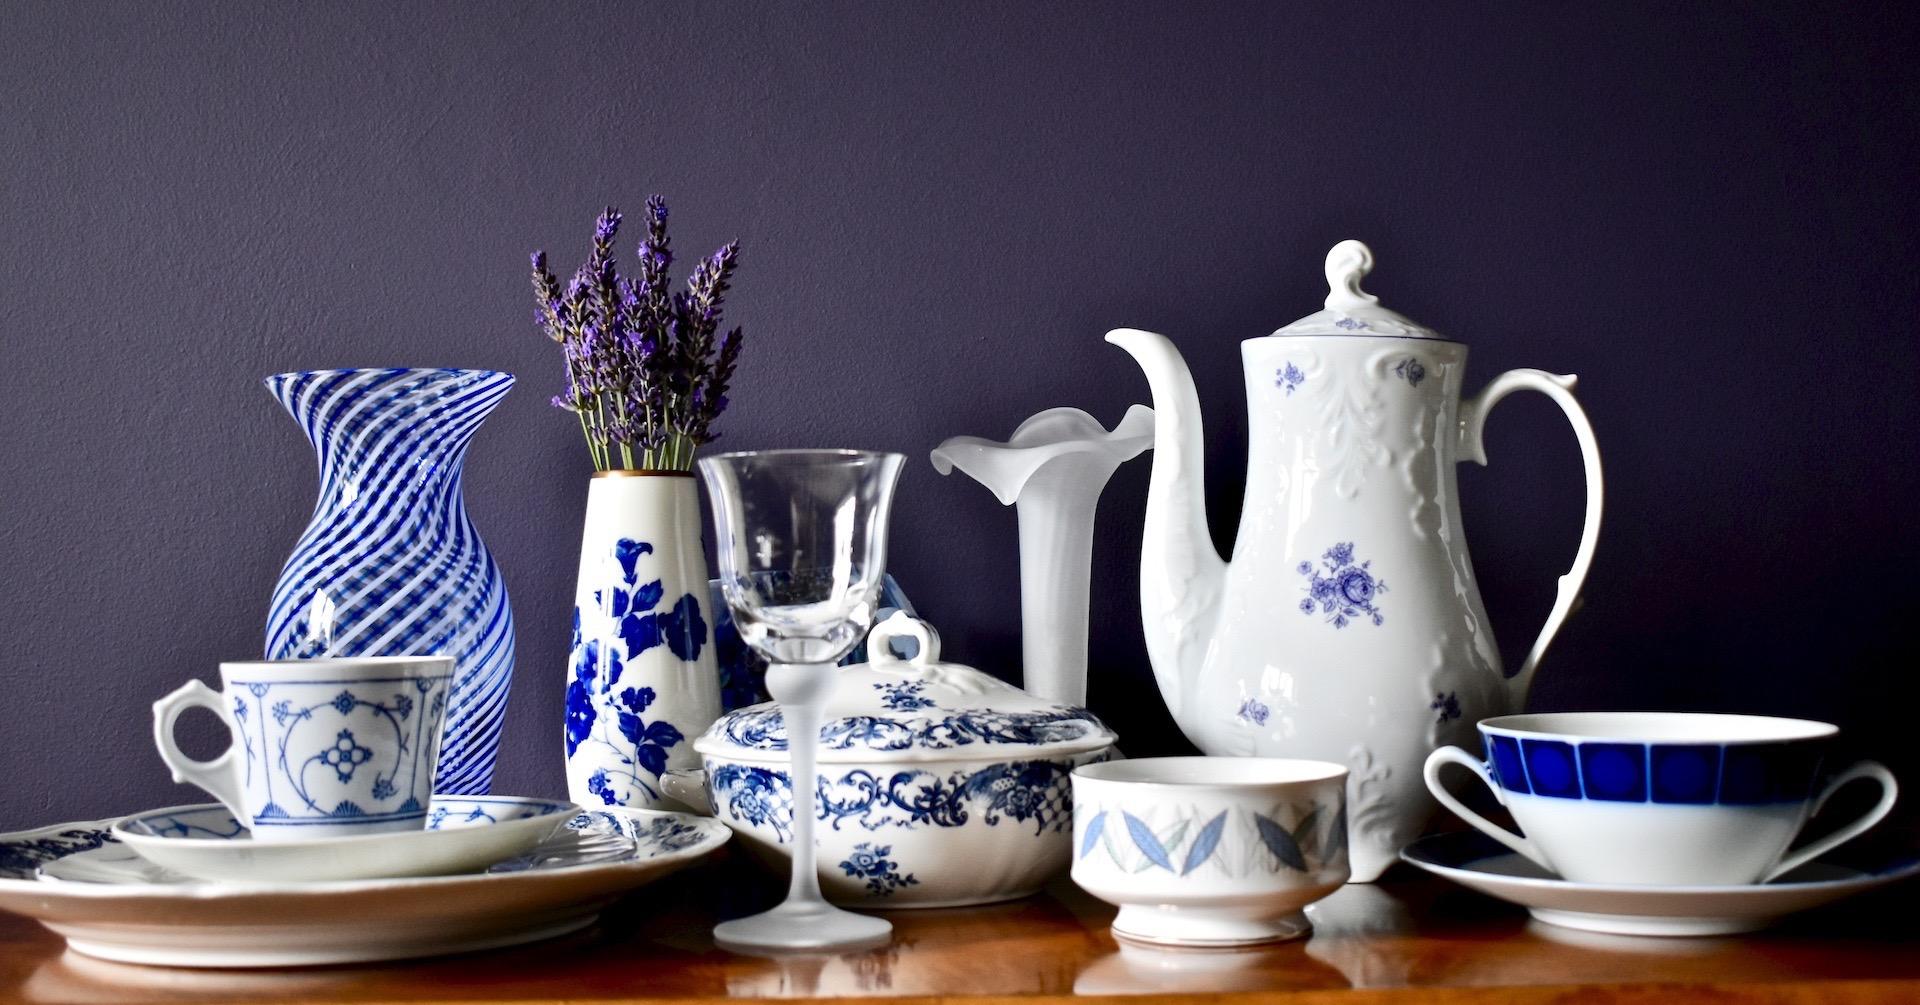 Najpiękniejsza porcelana i naczynia oraz dodatki vintage